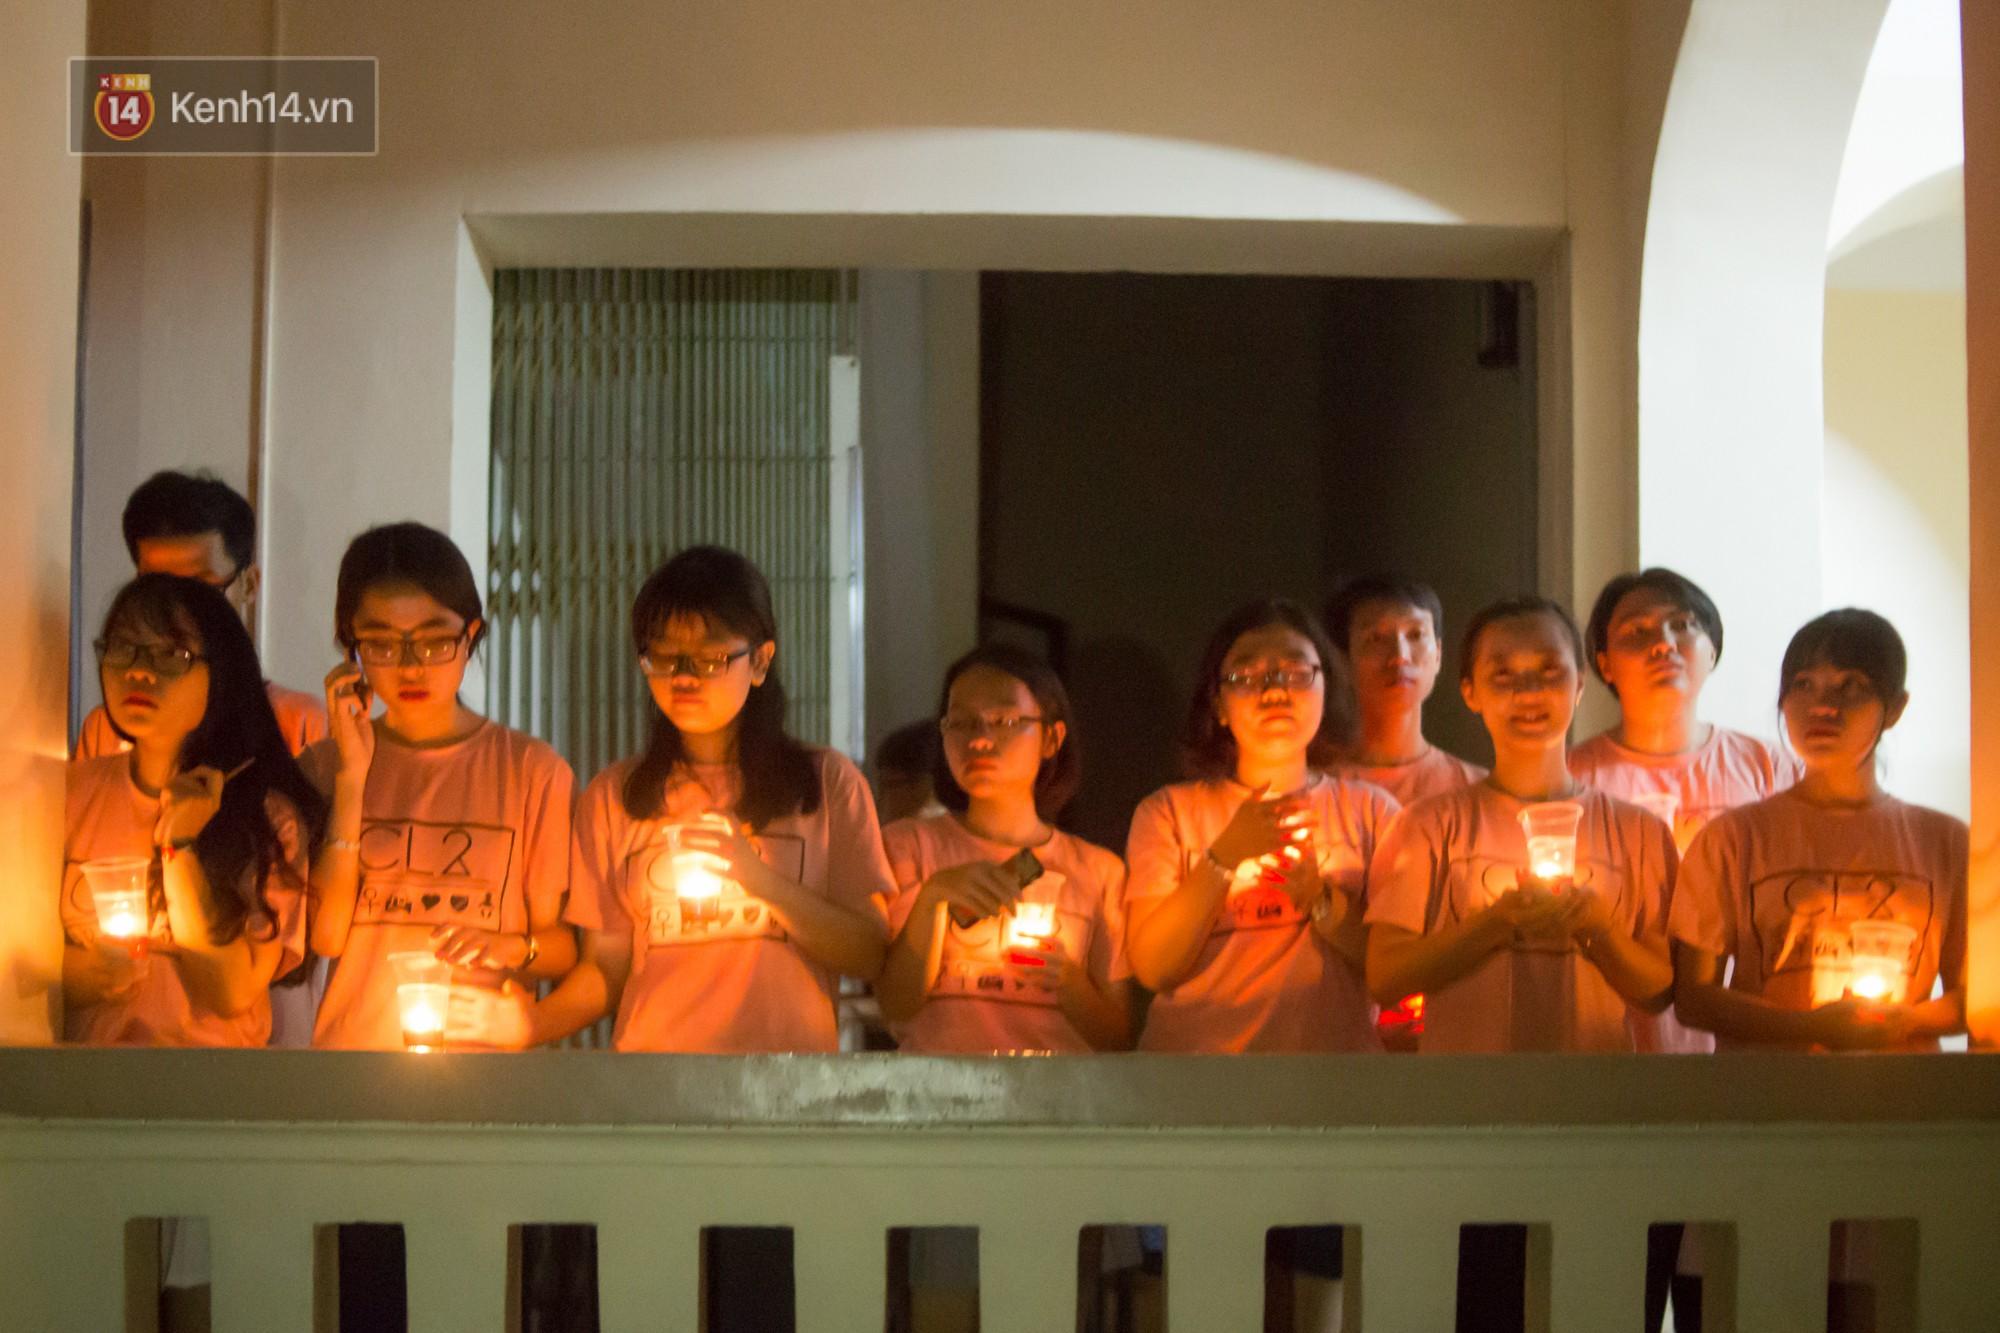 Ngày ra trường của teen Lê Hồng Phong: Nụ cười và nước mắt, bạn tôi ơi xin bên nhau thêm chút nữa!-20